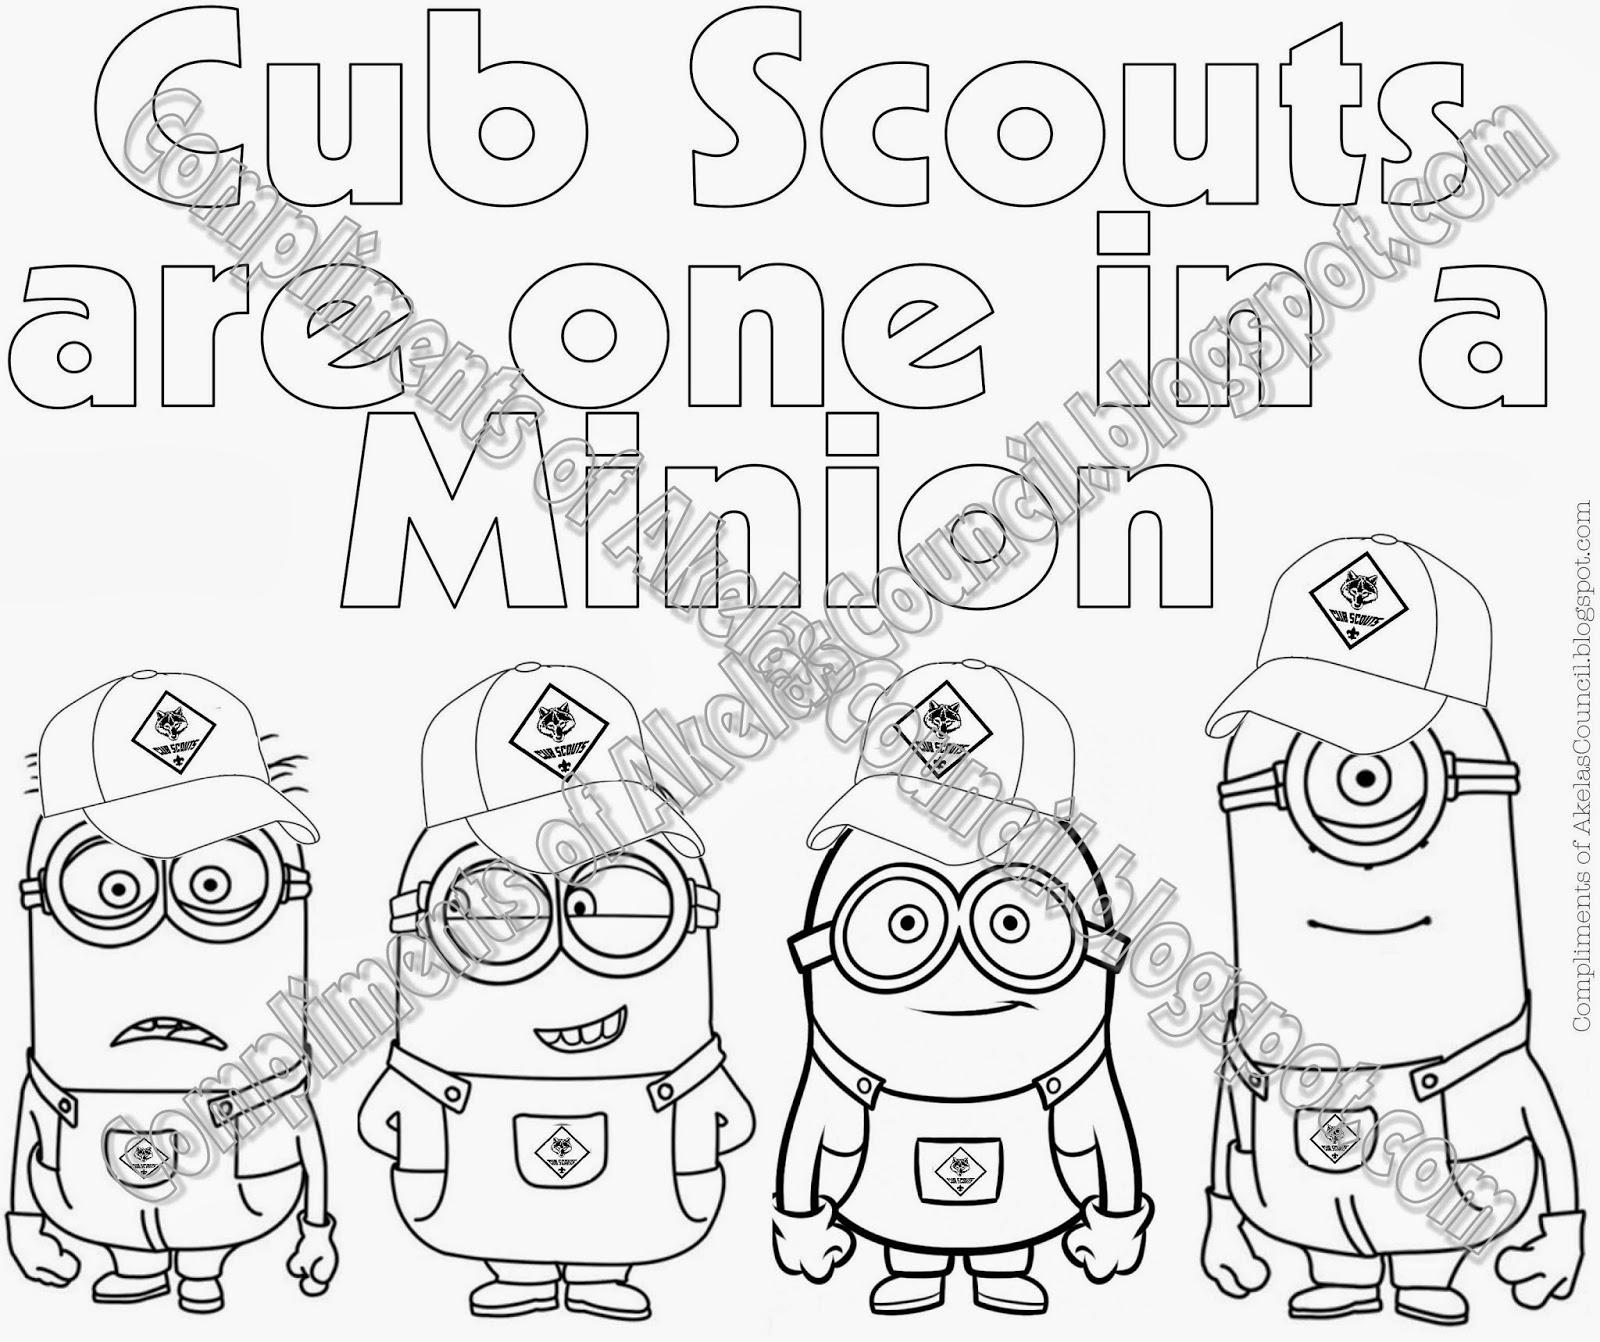 Akela's Council Cub Scout Leader Training: Cub Scout